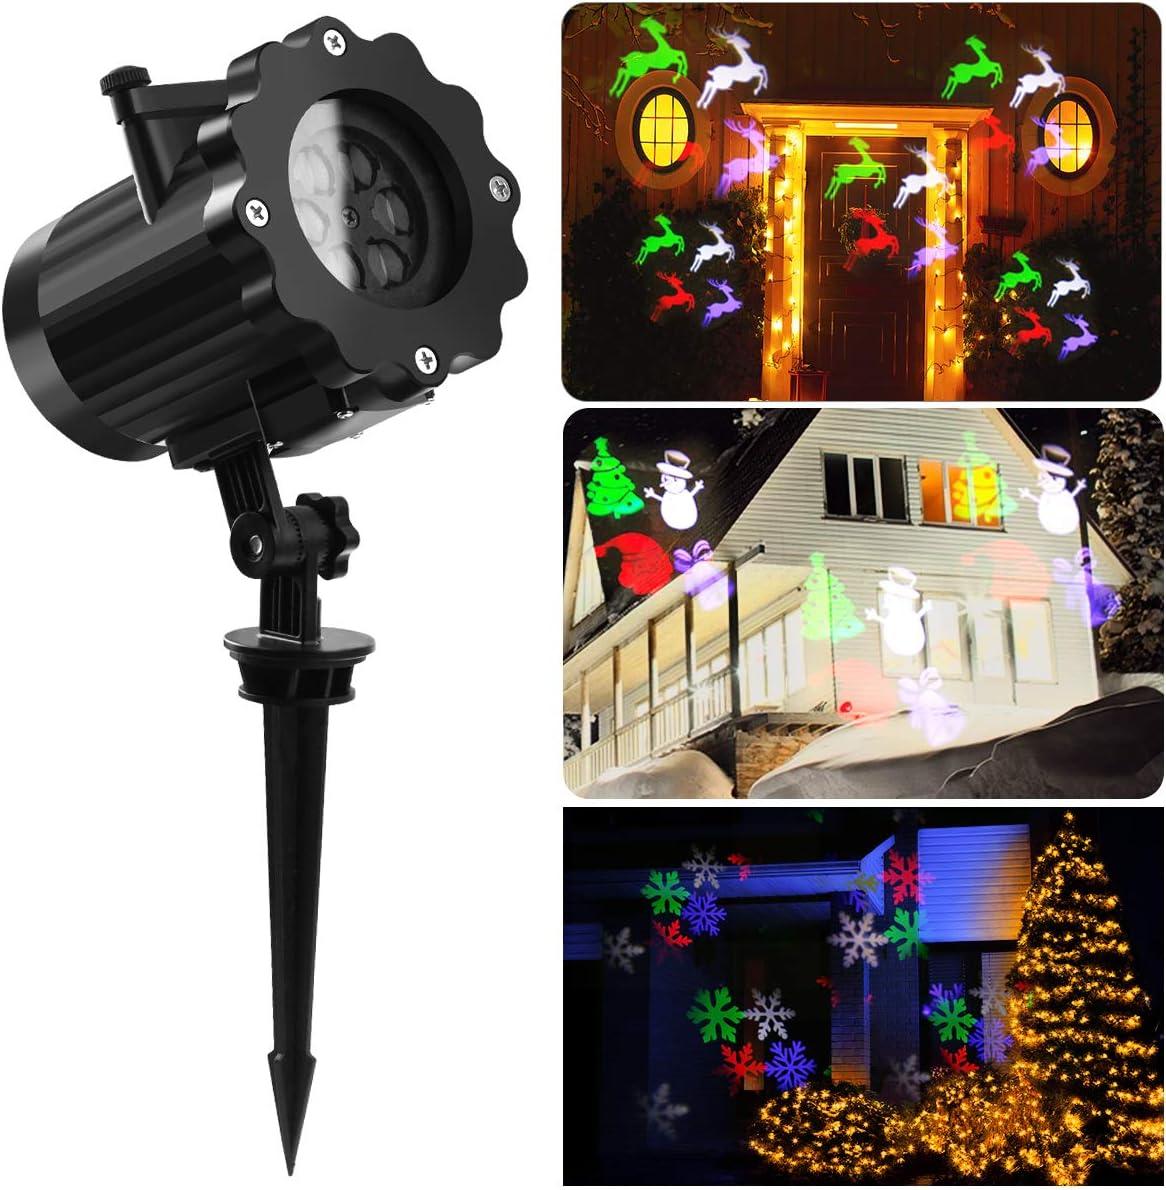 Luces de Proyector Navidad con Control Remoto para Interior & Exterior, Lámpara de Proyección LED con 12 Diapositivas de Patrón para San Valentín, Navidad, Fiestas de Cumpleaños de niños